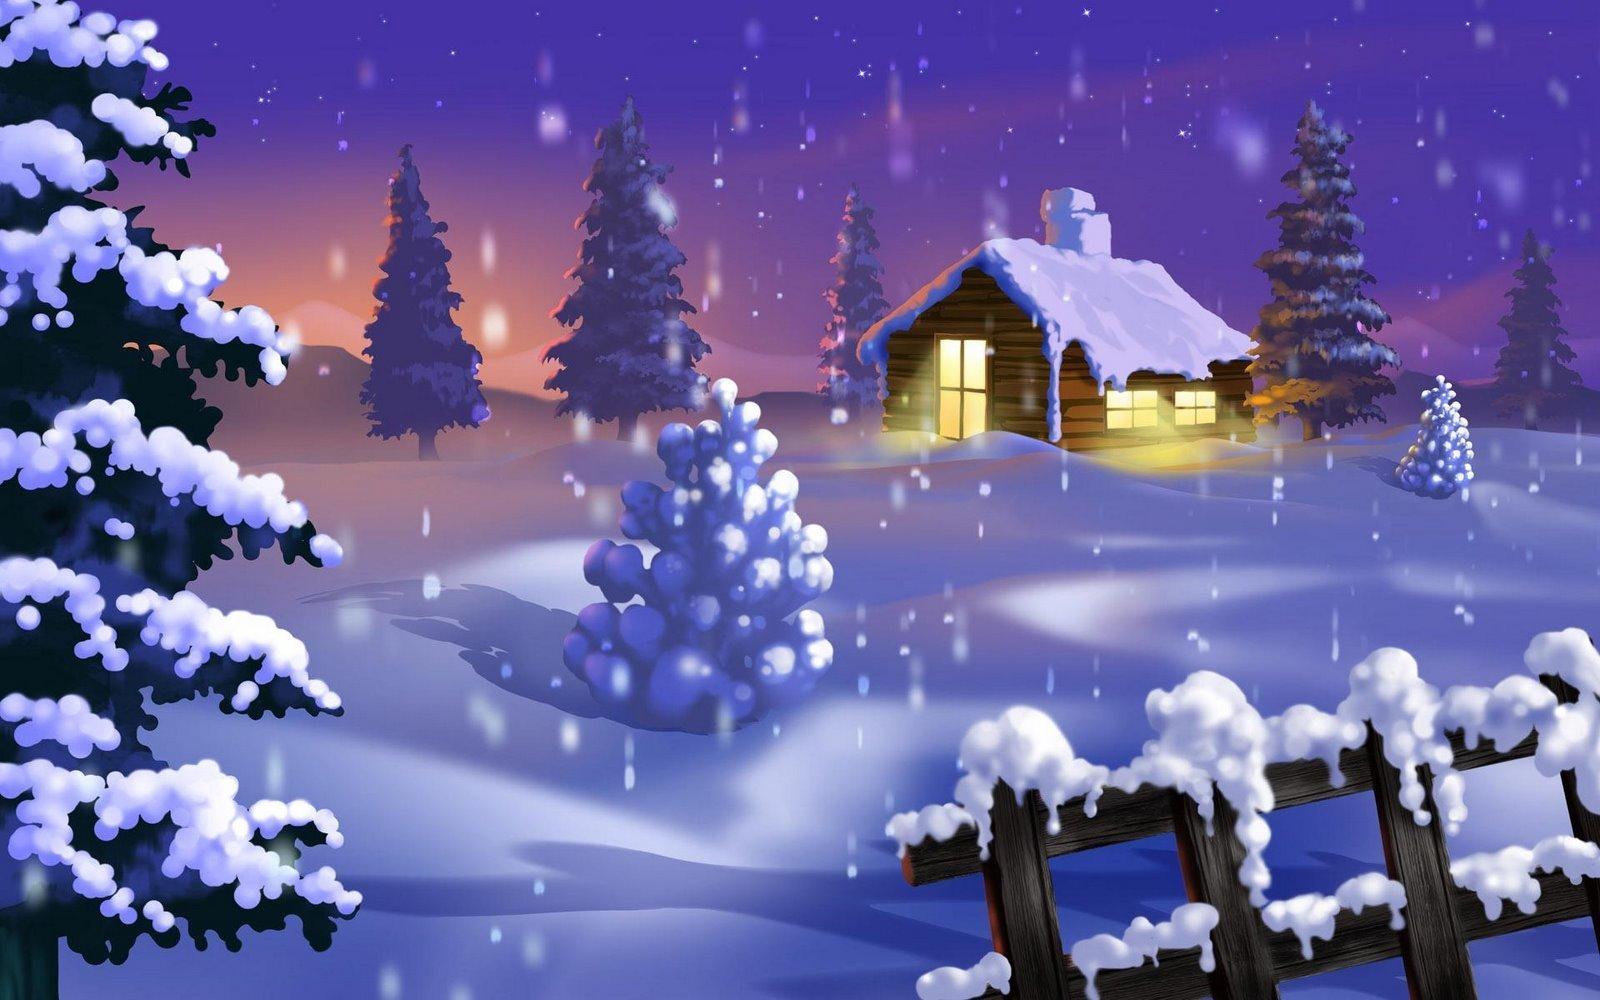 Sfondi desktop HD Natale  paesaggio nella neve  sfondi